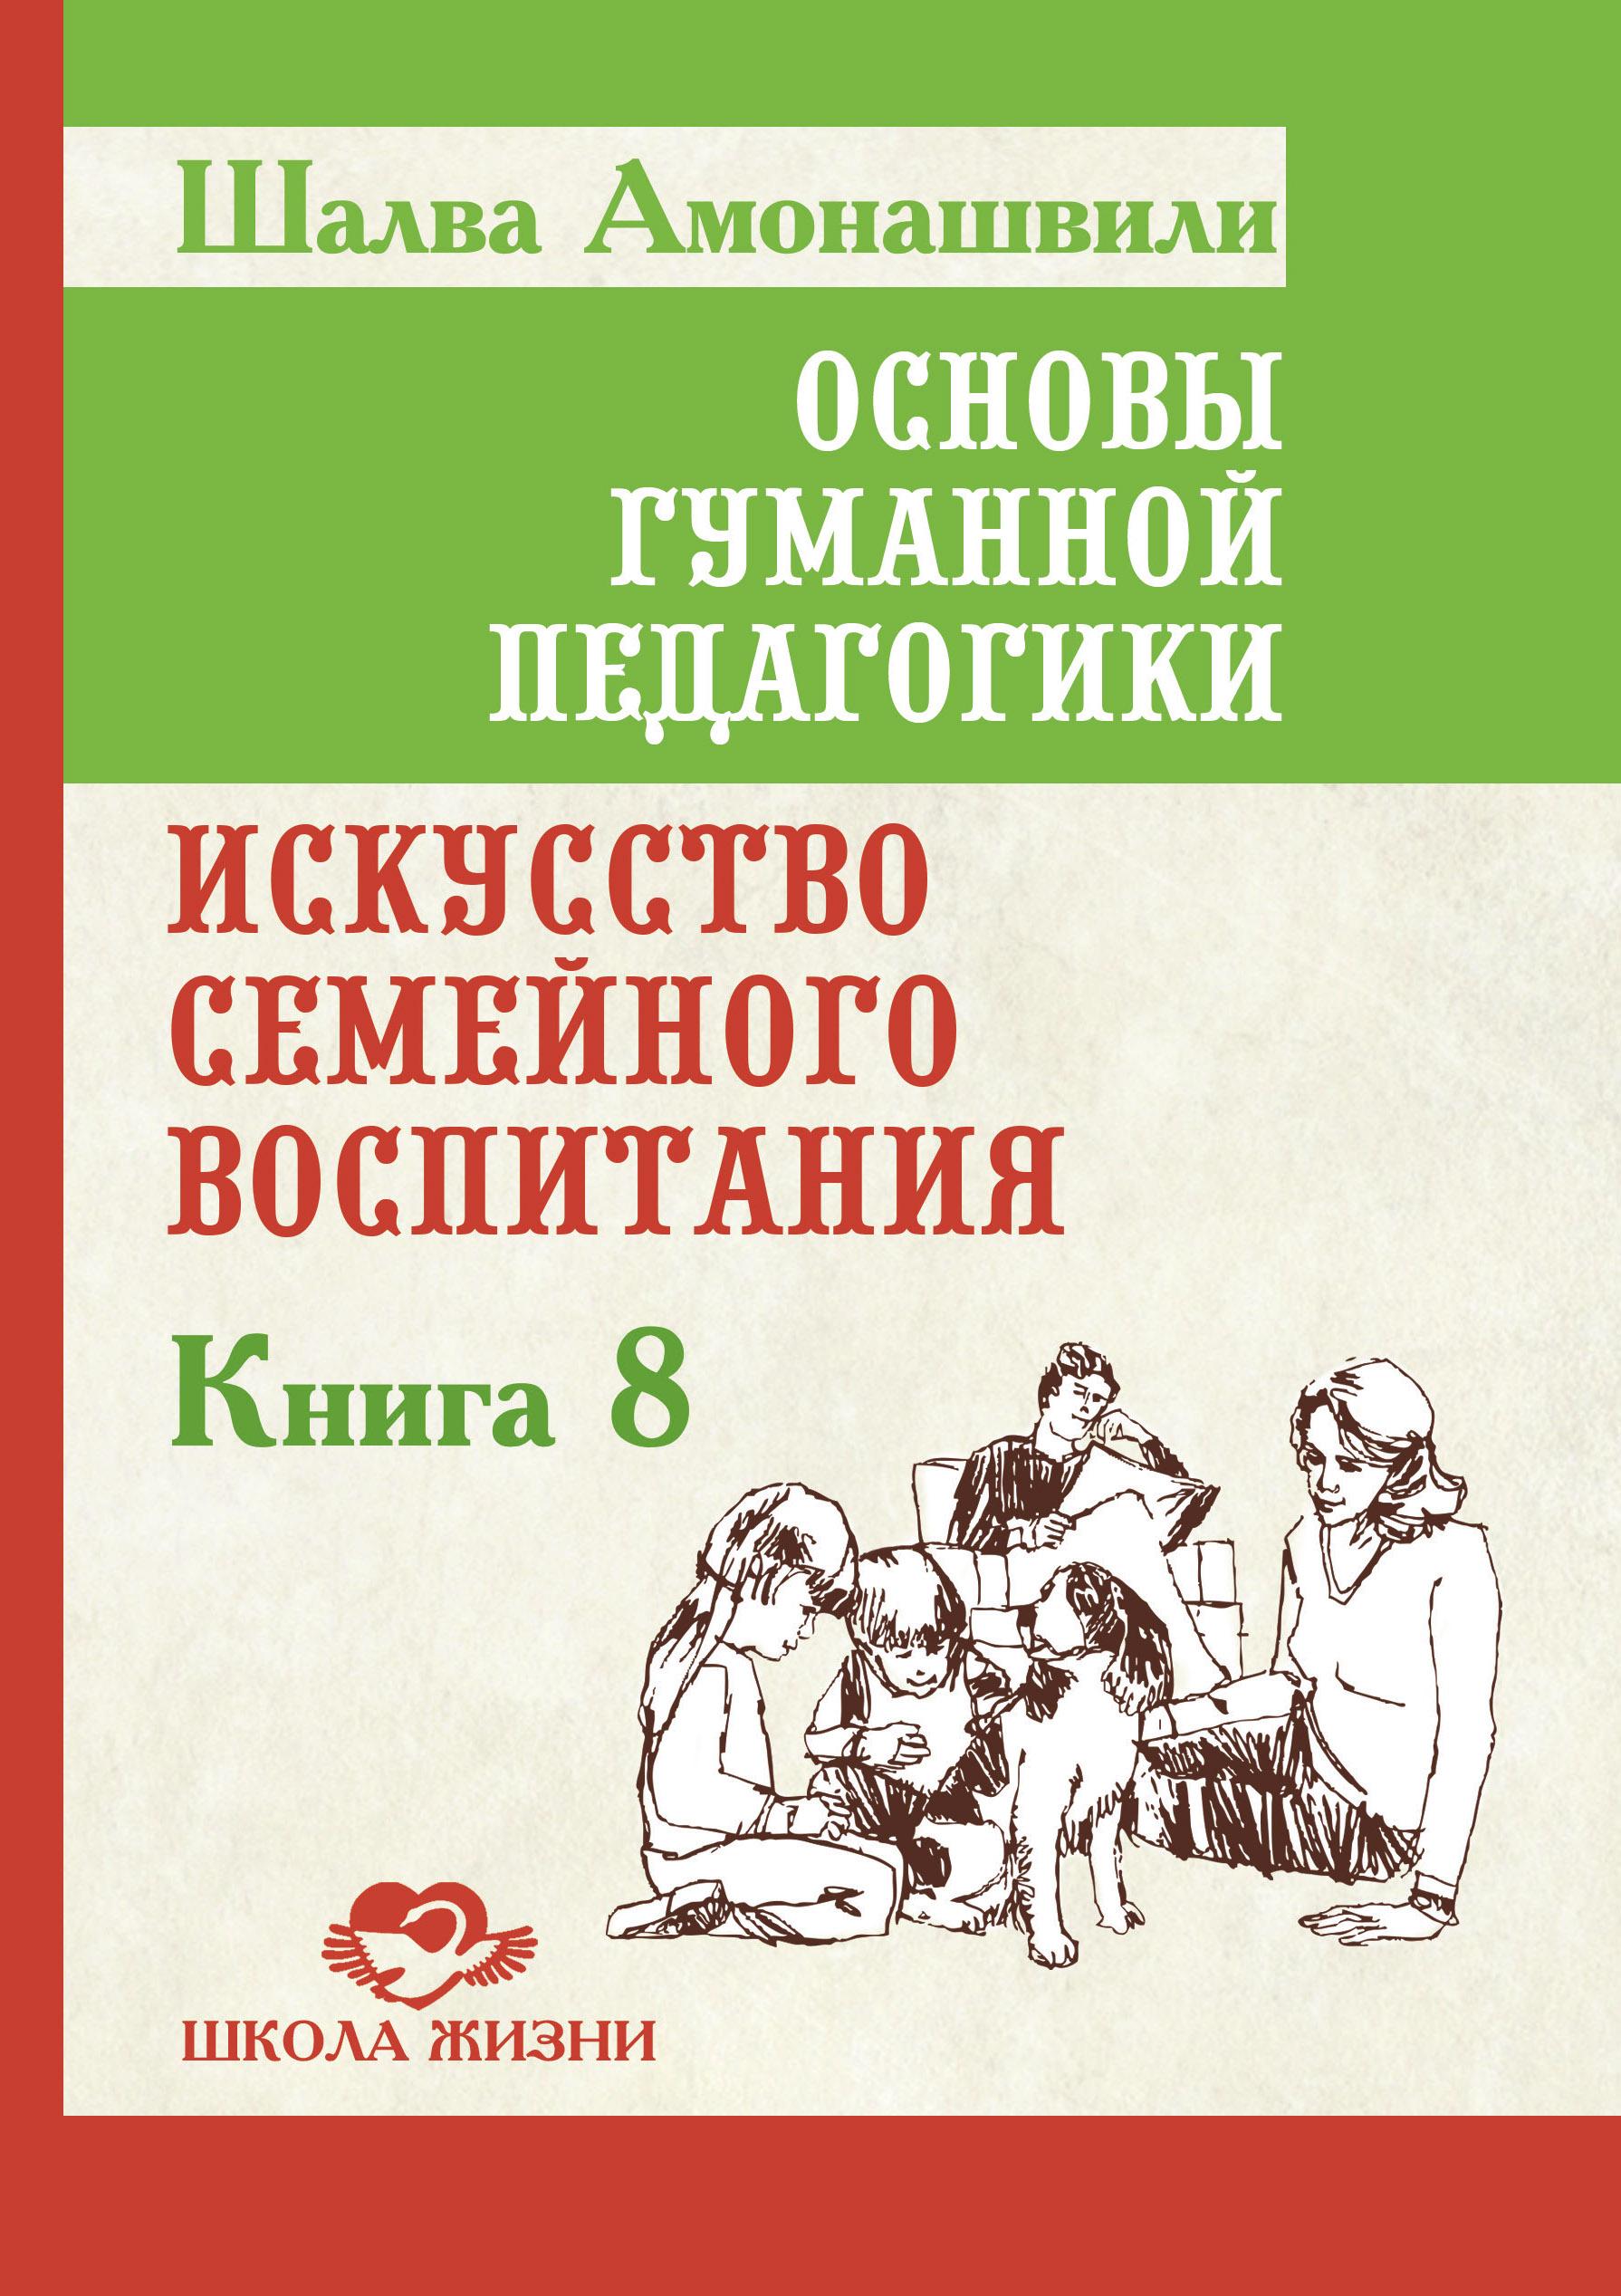 Основы гуманной педагогики. Кн. 8. Искусство семейного воспитания